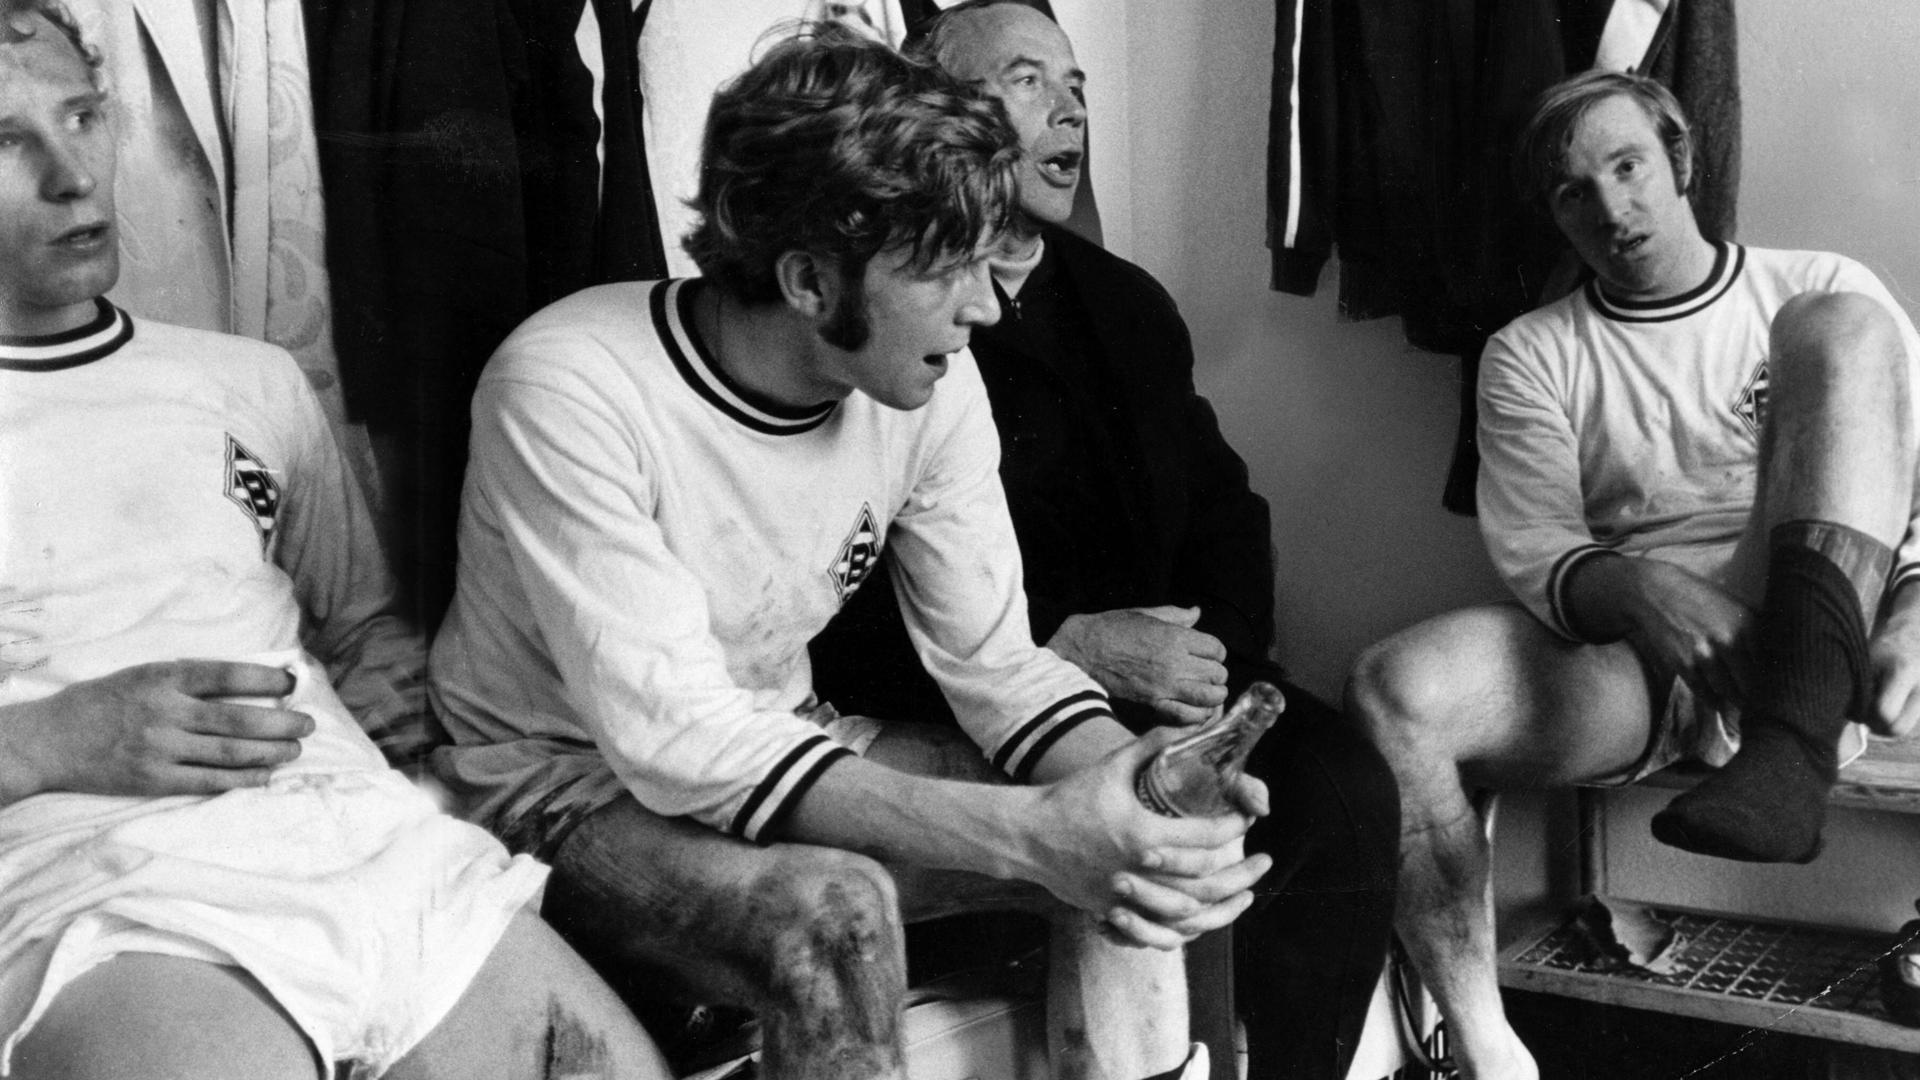 Anno 1970 in der Umkleide von Borussia Mönchengladbach: Winfried Schäfer (links) mit Trainer Hennes Weisweiler und Sportkamerad Günter Netzer.